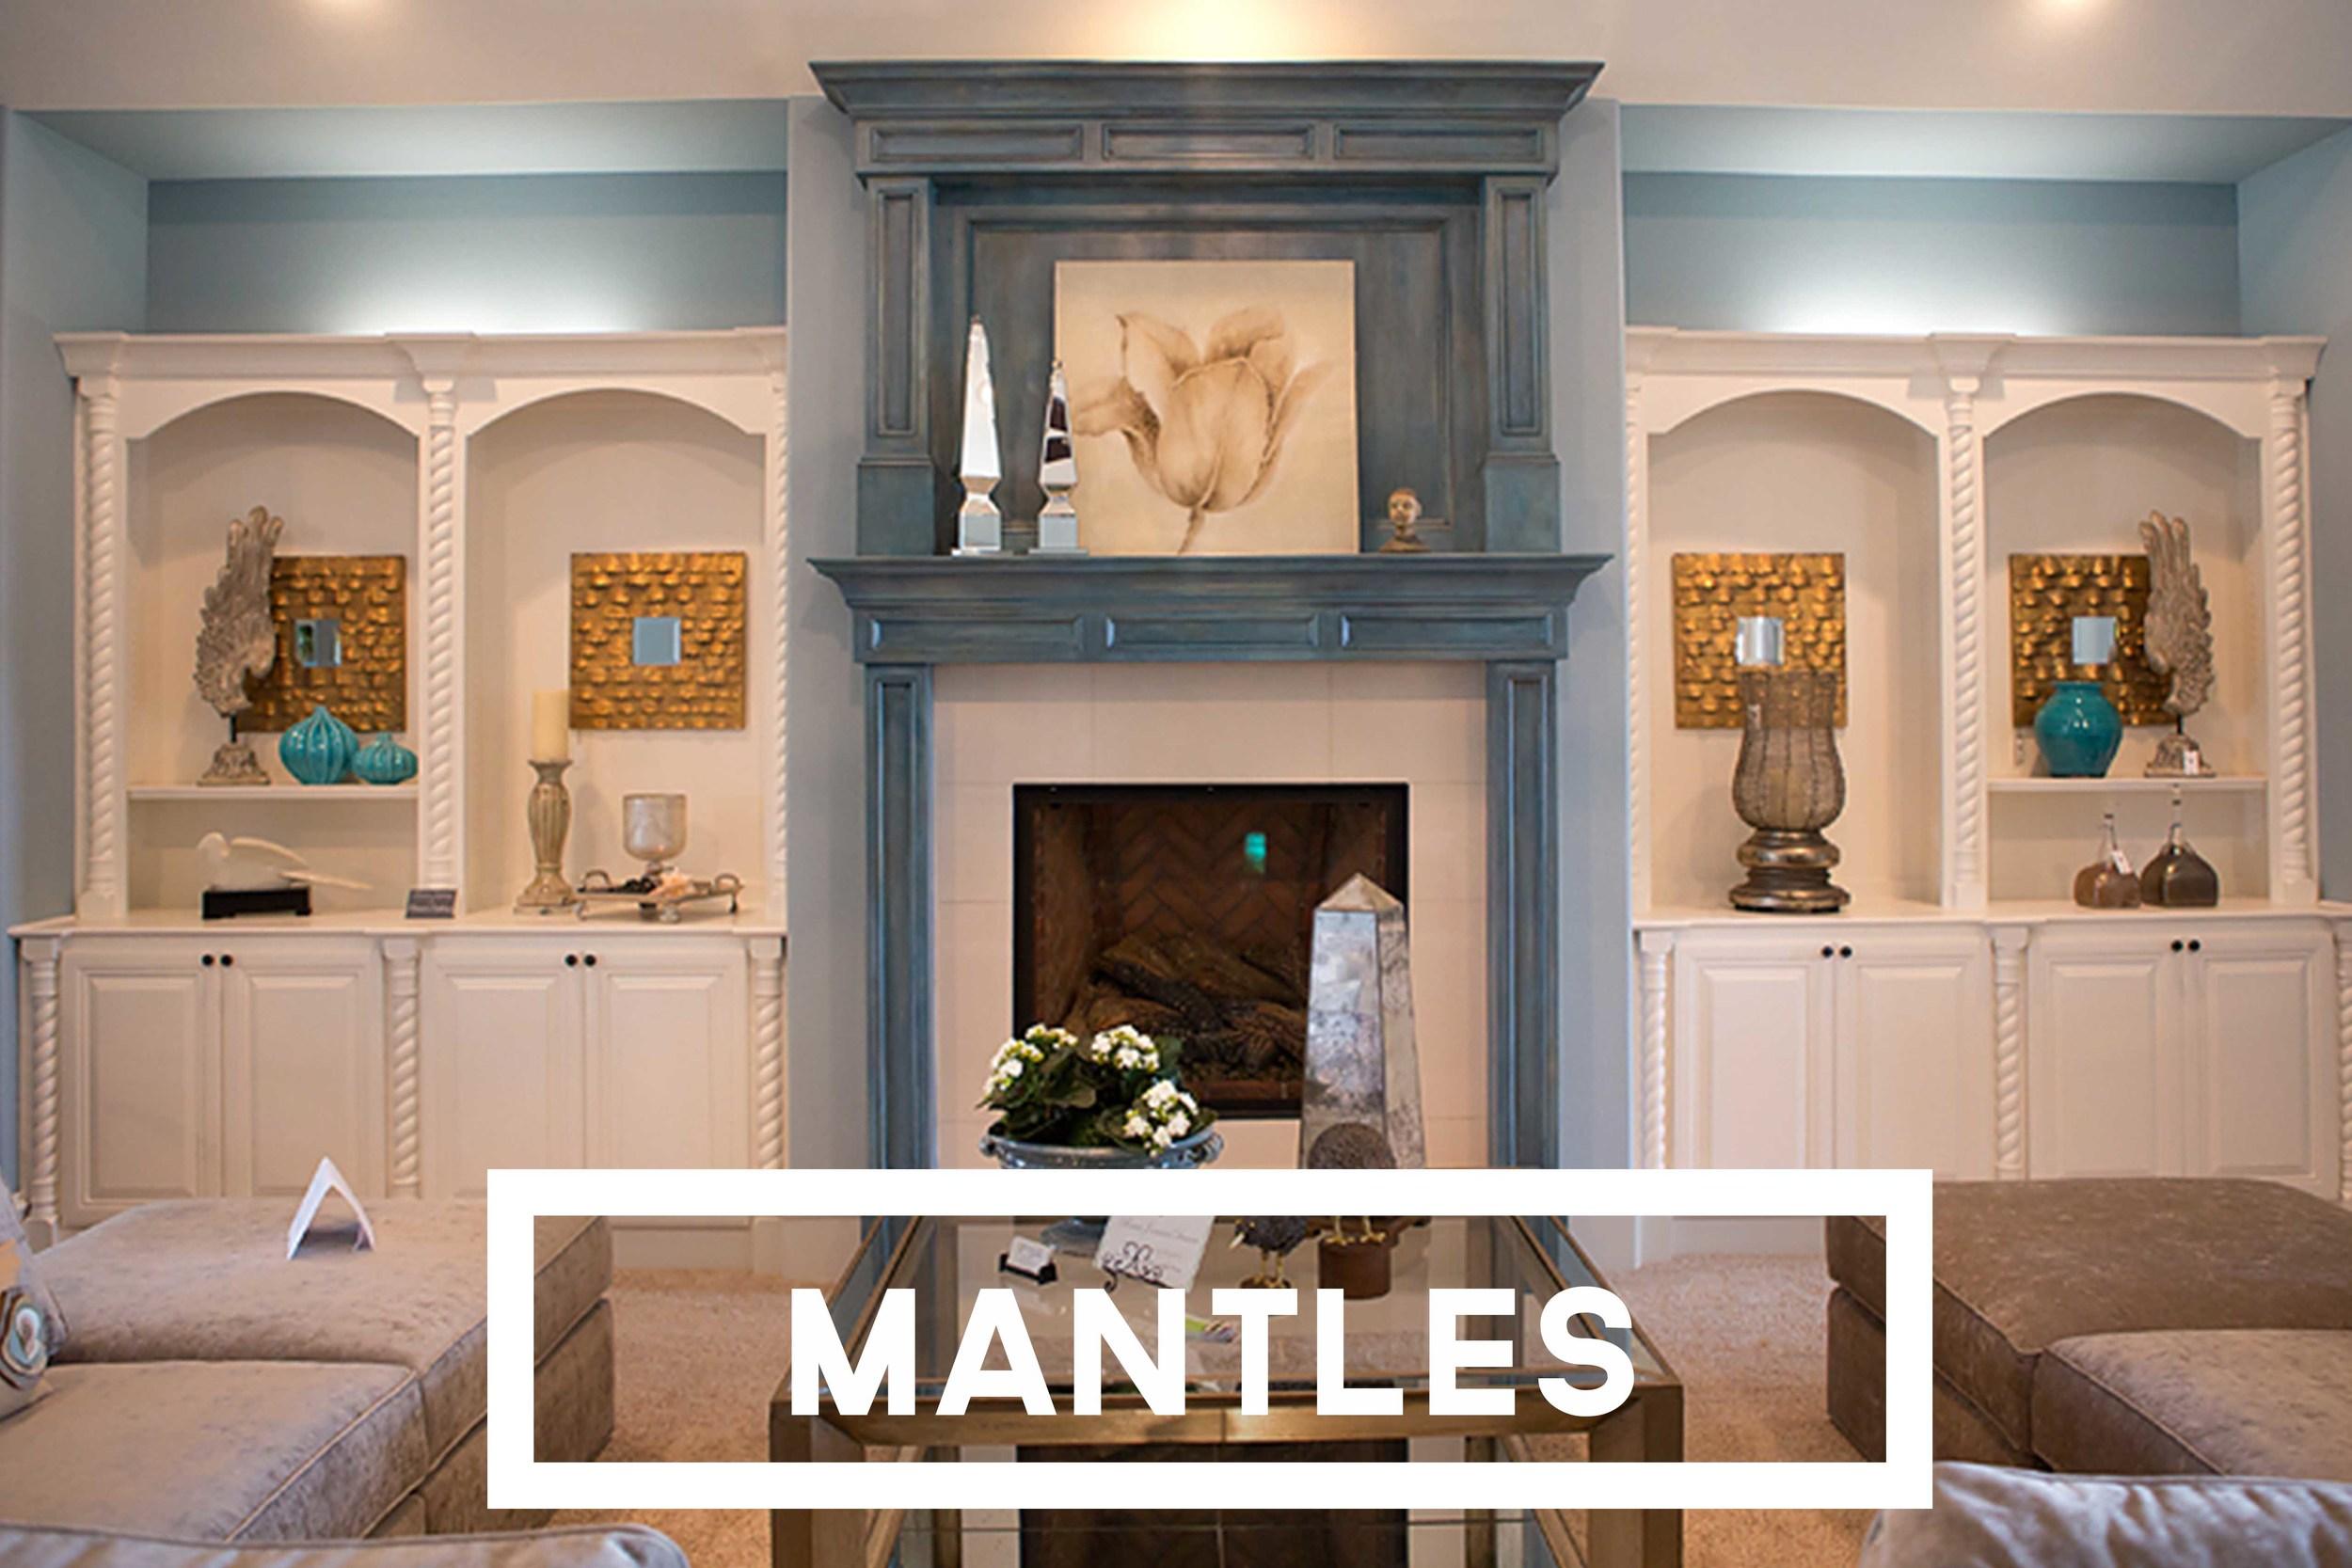 Mantles